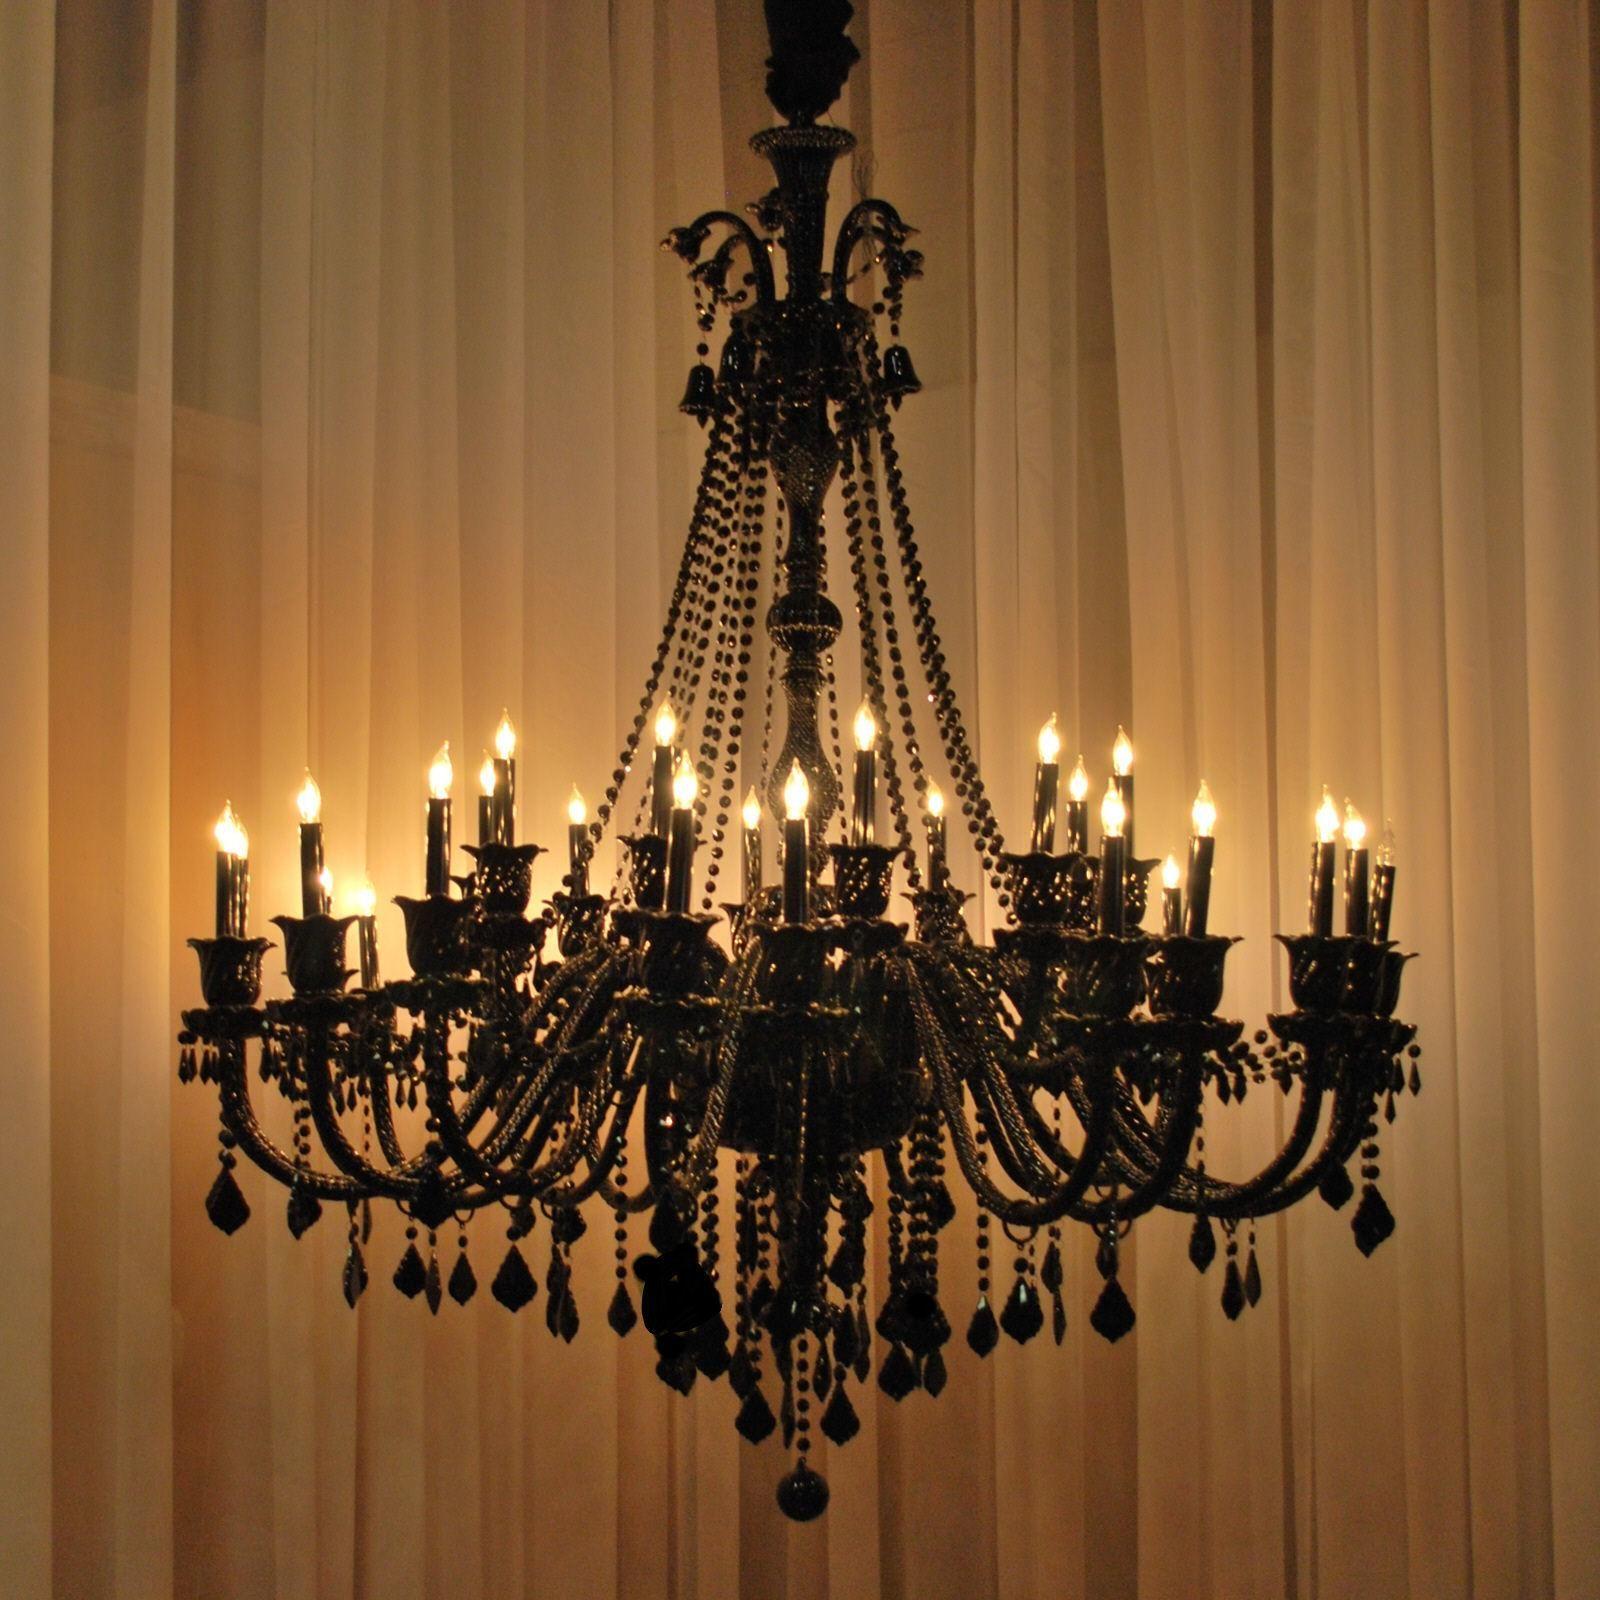 A46 black49030 murano venetian style chandelier chandeliers a46 black49030 murano venetian style chandelier chandeliers crystal chandelier aloadofball Gallery